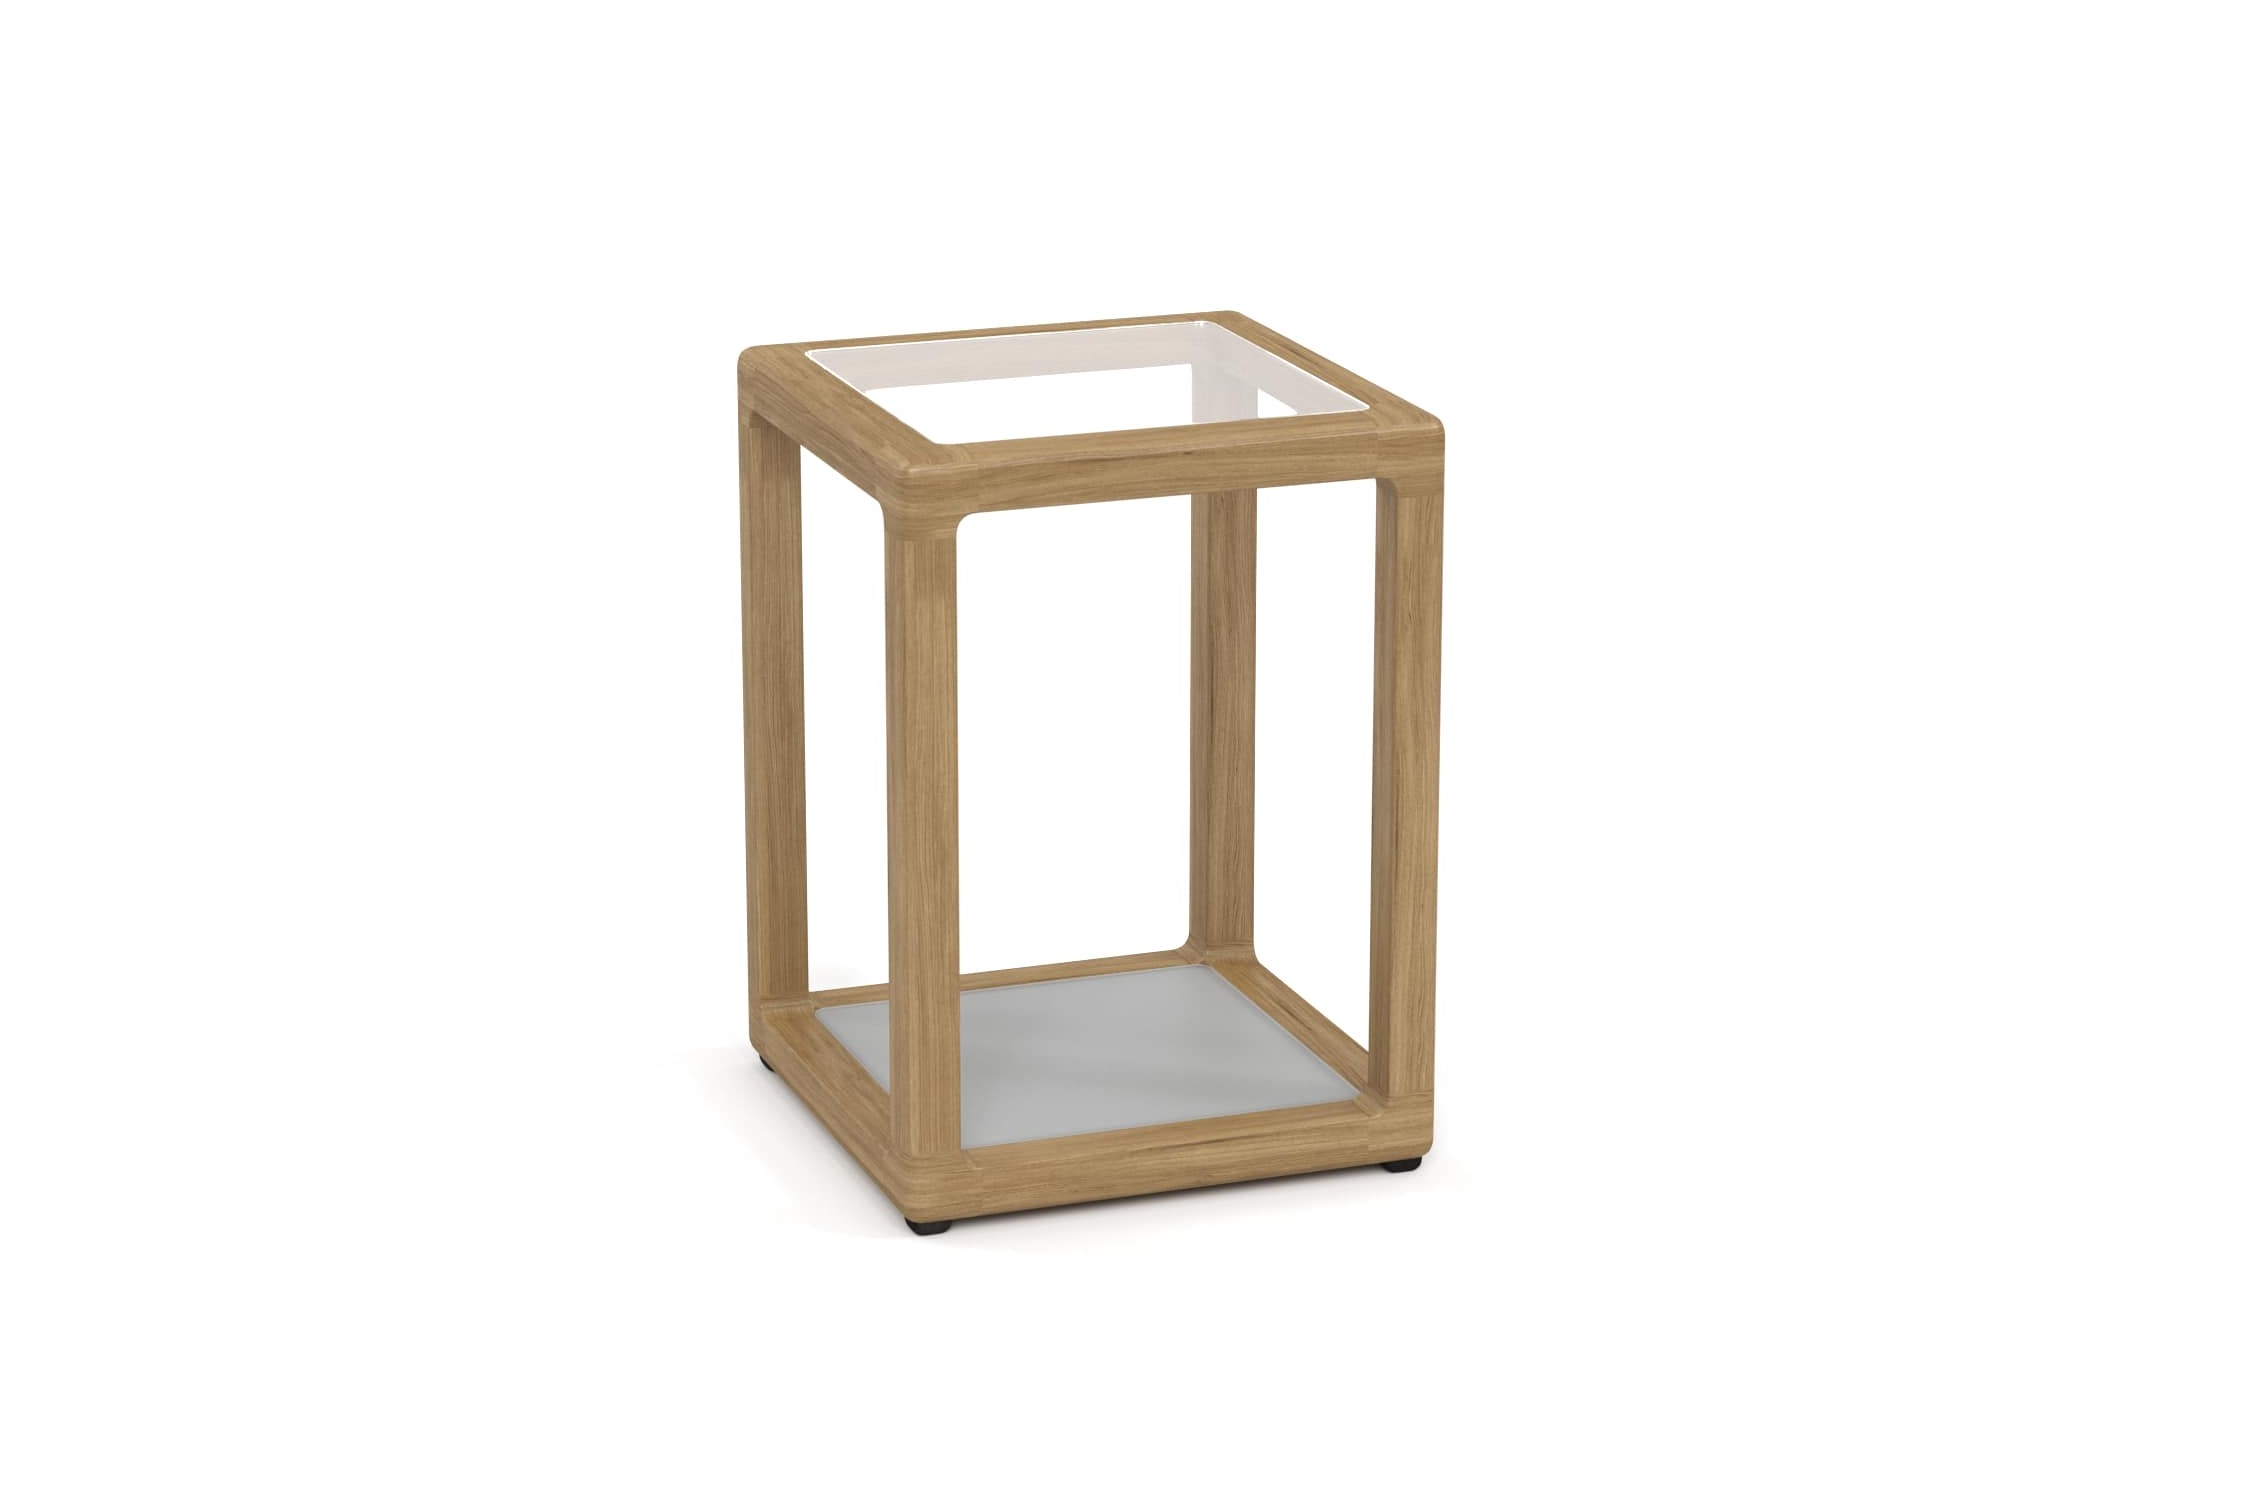 Столик придиванный SeagullСтолы и столики для сада<br>&amp;lt;div&amp;gt;Коллекция SEAGULL – воплощение природной простоты и естественного совершенства. Мебель привлекает тёплыми тонами, уникальностью материала и идеальными пропорциями. Стеклянные столешницы обеденных и журнальных столов по цвету гармонируют с тканью подушек, удобные диваны и «утопающие» кресла дарят ощущения спокойствия и комфорта.&amp;amp;nbsp;&amp;lt;/div&amp;gt;&amp;lt;div&amp;gt;&amp;lt;br&amp;gt;&amp;lt;/div&amp;gt;&amp;lt;div&amp;gt;Ироко – экзотическая золотисто-коричневатая/оливково-коричневая древесина с золотистым оттенком. Цвет ироко практически не меняется со временем, немного темнеет и приобретает теплый маслянистый оттенок. По физическим свойствам не уступает тику. Древесина африканского тика не подвержена гниению и воздействию термитов, не требует дополнительной антибактериальной обработки. Мебель из ироко допускает круглогодичную эксплуатацию на открытом воздухе, выдерживает перепады температур от –30 до +30С. Срок службы более 20 лет.&amp;amp;nbsp;&amp;lt;/div&amp;gt;&amp;lt;div&amp;gt;&amp;lt;br&amp;gt;&amp;lt;/div&amp;gt;&amp;lt;div&amp;gt;Вся фурнитура изготовлена из нержавеющей стали на собственном производстве.&amp;amp;nbsp;&amp;lt;/div&amp;gt;&amp;lt;div&amp;gt;&amp;lt;br&amp;gt;&amp;lt;/div&amp;gt;<br><br>&amp;lt;iframe width=&amp;quot;530&amp;quot; height=&amp;quot;300&amp;quot; src=&amp;quot;https://www.youtube.com/embed/uL9Kujh07kc&amp;quot; frameborder=&amp;quot;0&amp;quot; allowfullscreen=&amp;quot;&amp;quot;&amp;gt;&amp;lt;/iframe&amp;gt;<br><br>Material: Ироко<br>Ширина см: 40.0<br>Глубина см: 40.0